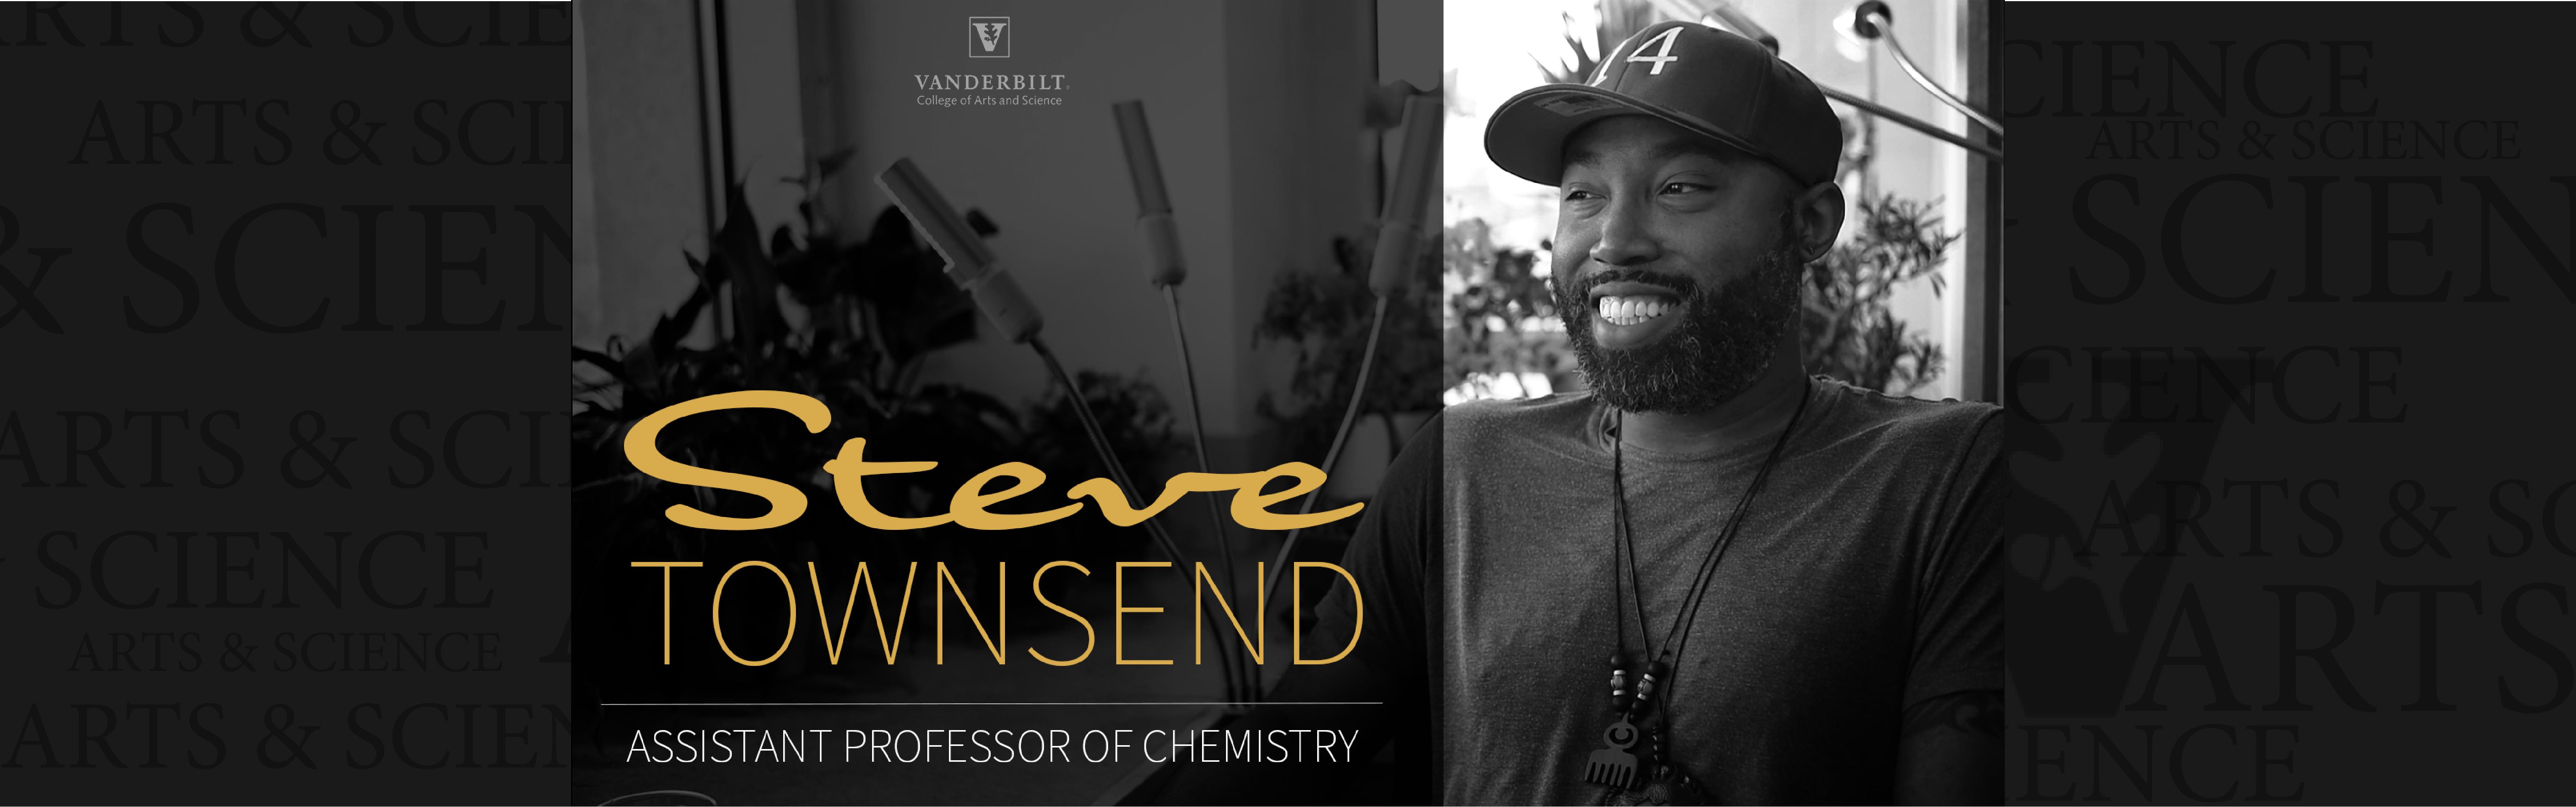 Steve Townsend: Professor, Chemist, Mentor